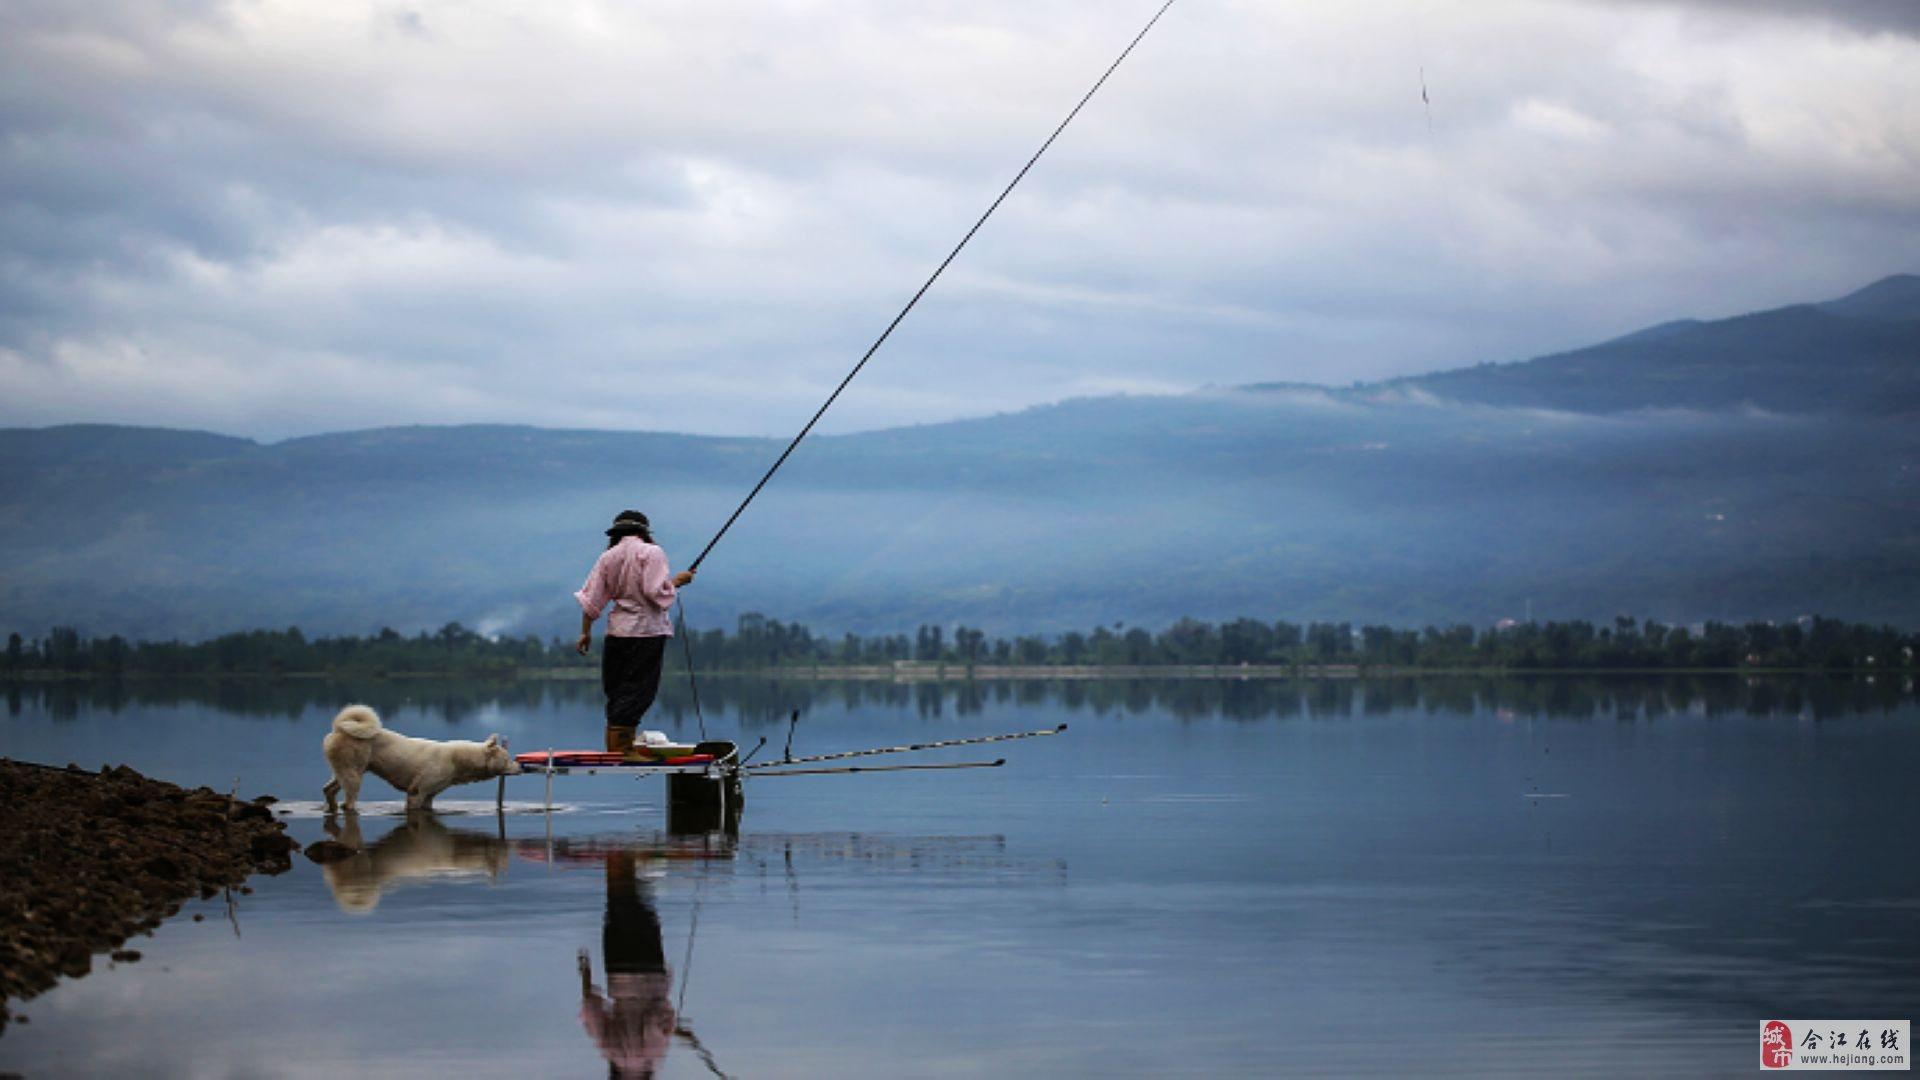 钓鱼桌面壁纸高清